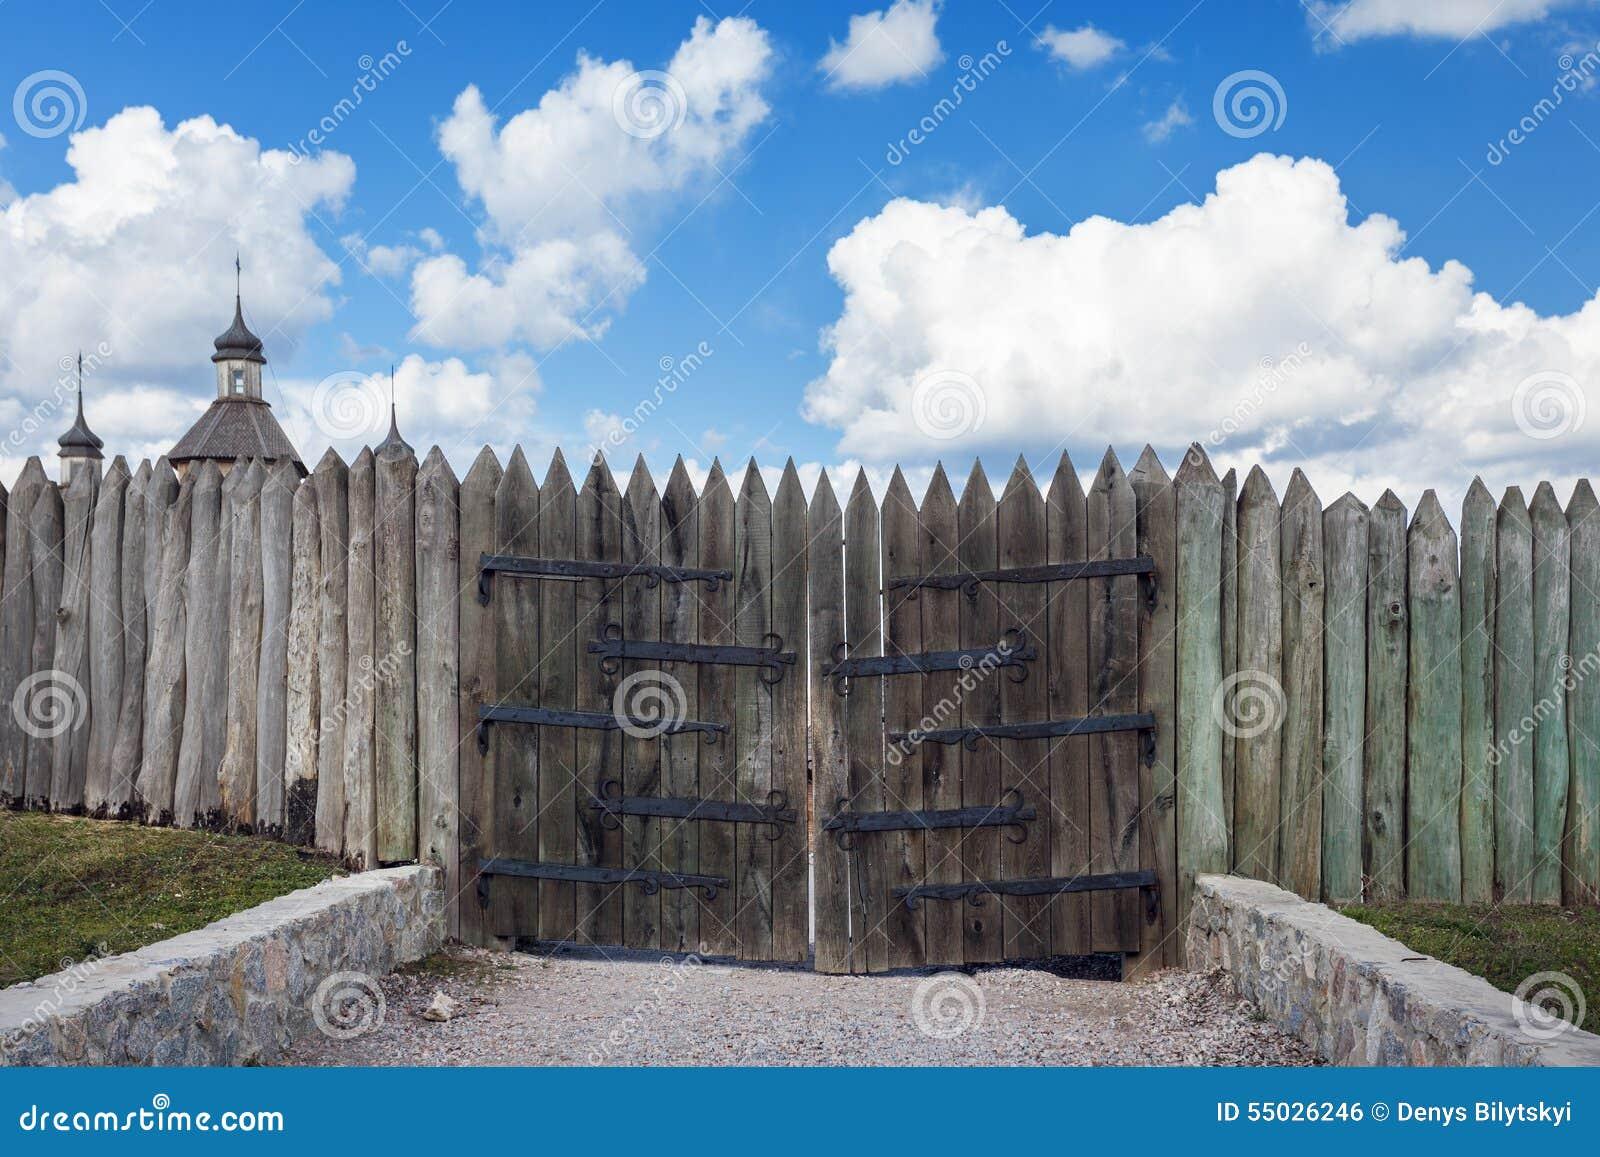 Cancelli Di Legno Prezzi : Vecchi cancelli di legno struttura di legno fondo per